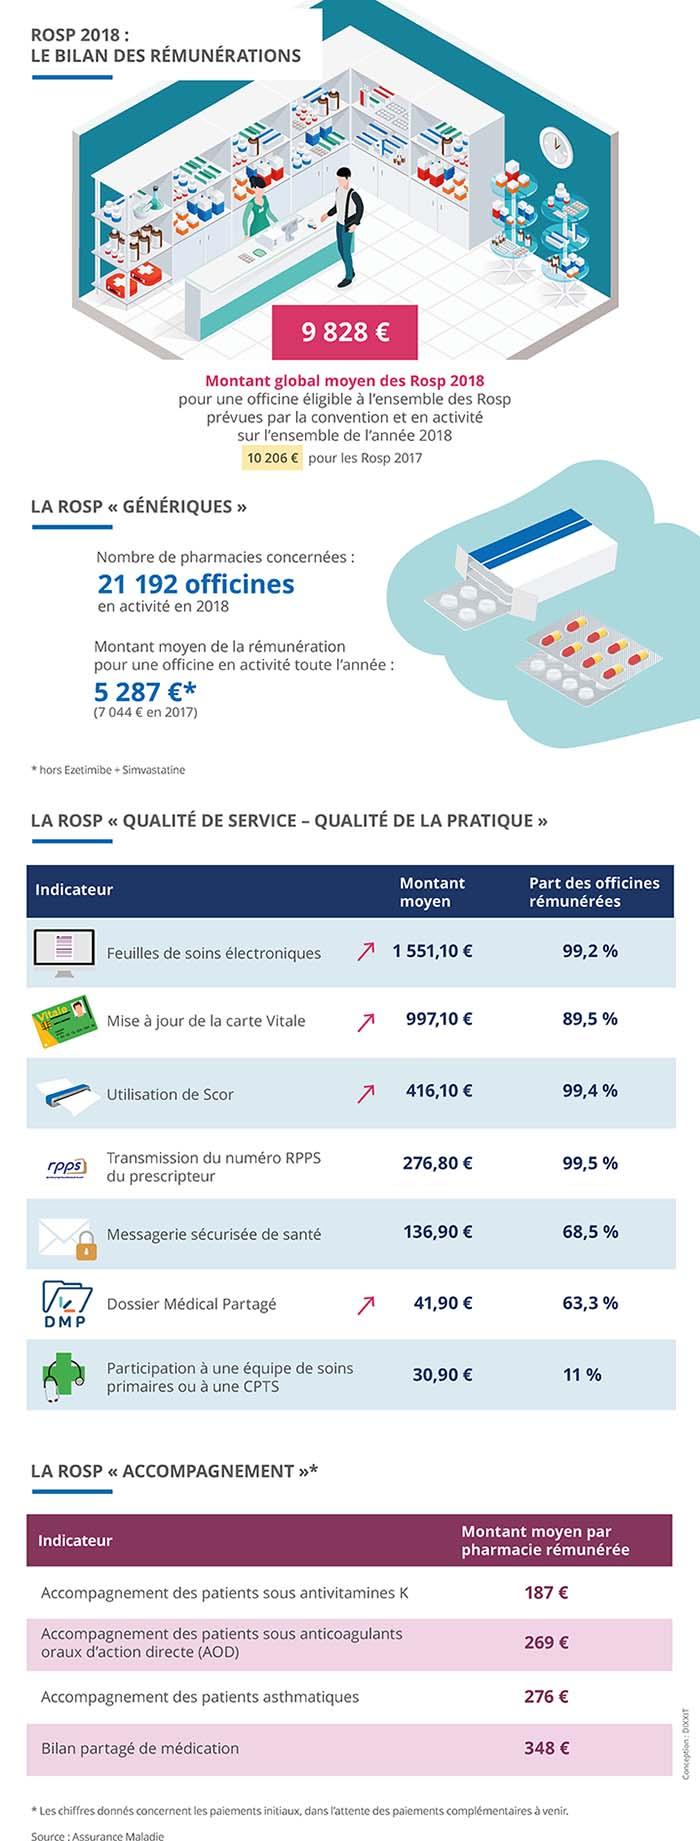 Infographie présentant le bilan de la Rosp 2018 pour les pharmaciens. Description complète ci-après